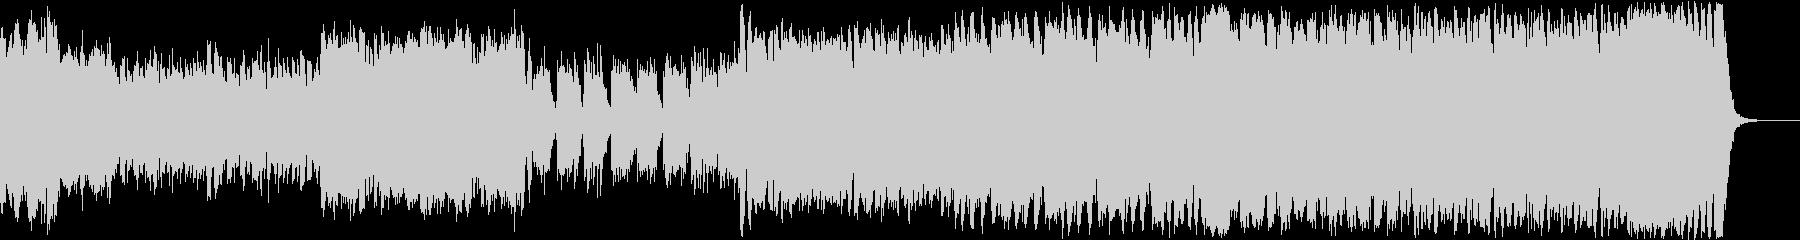 ジングルベル オーケストラ 編曲の未再生の波形